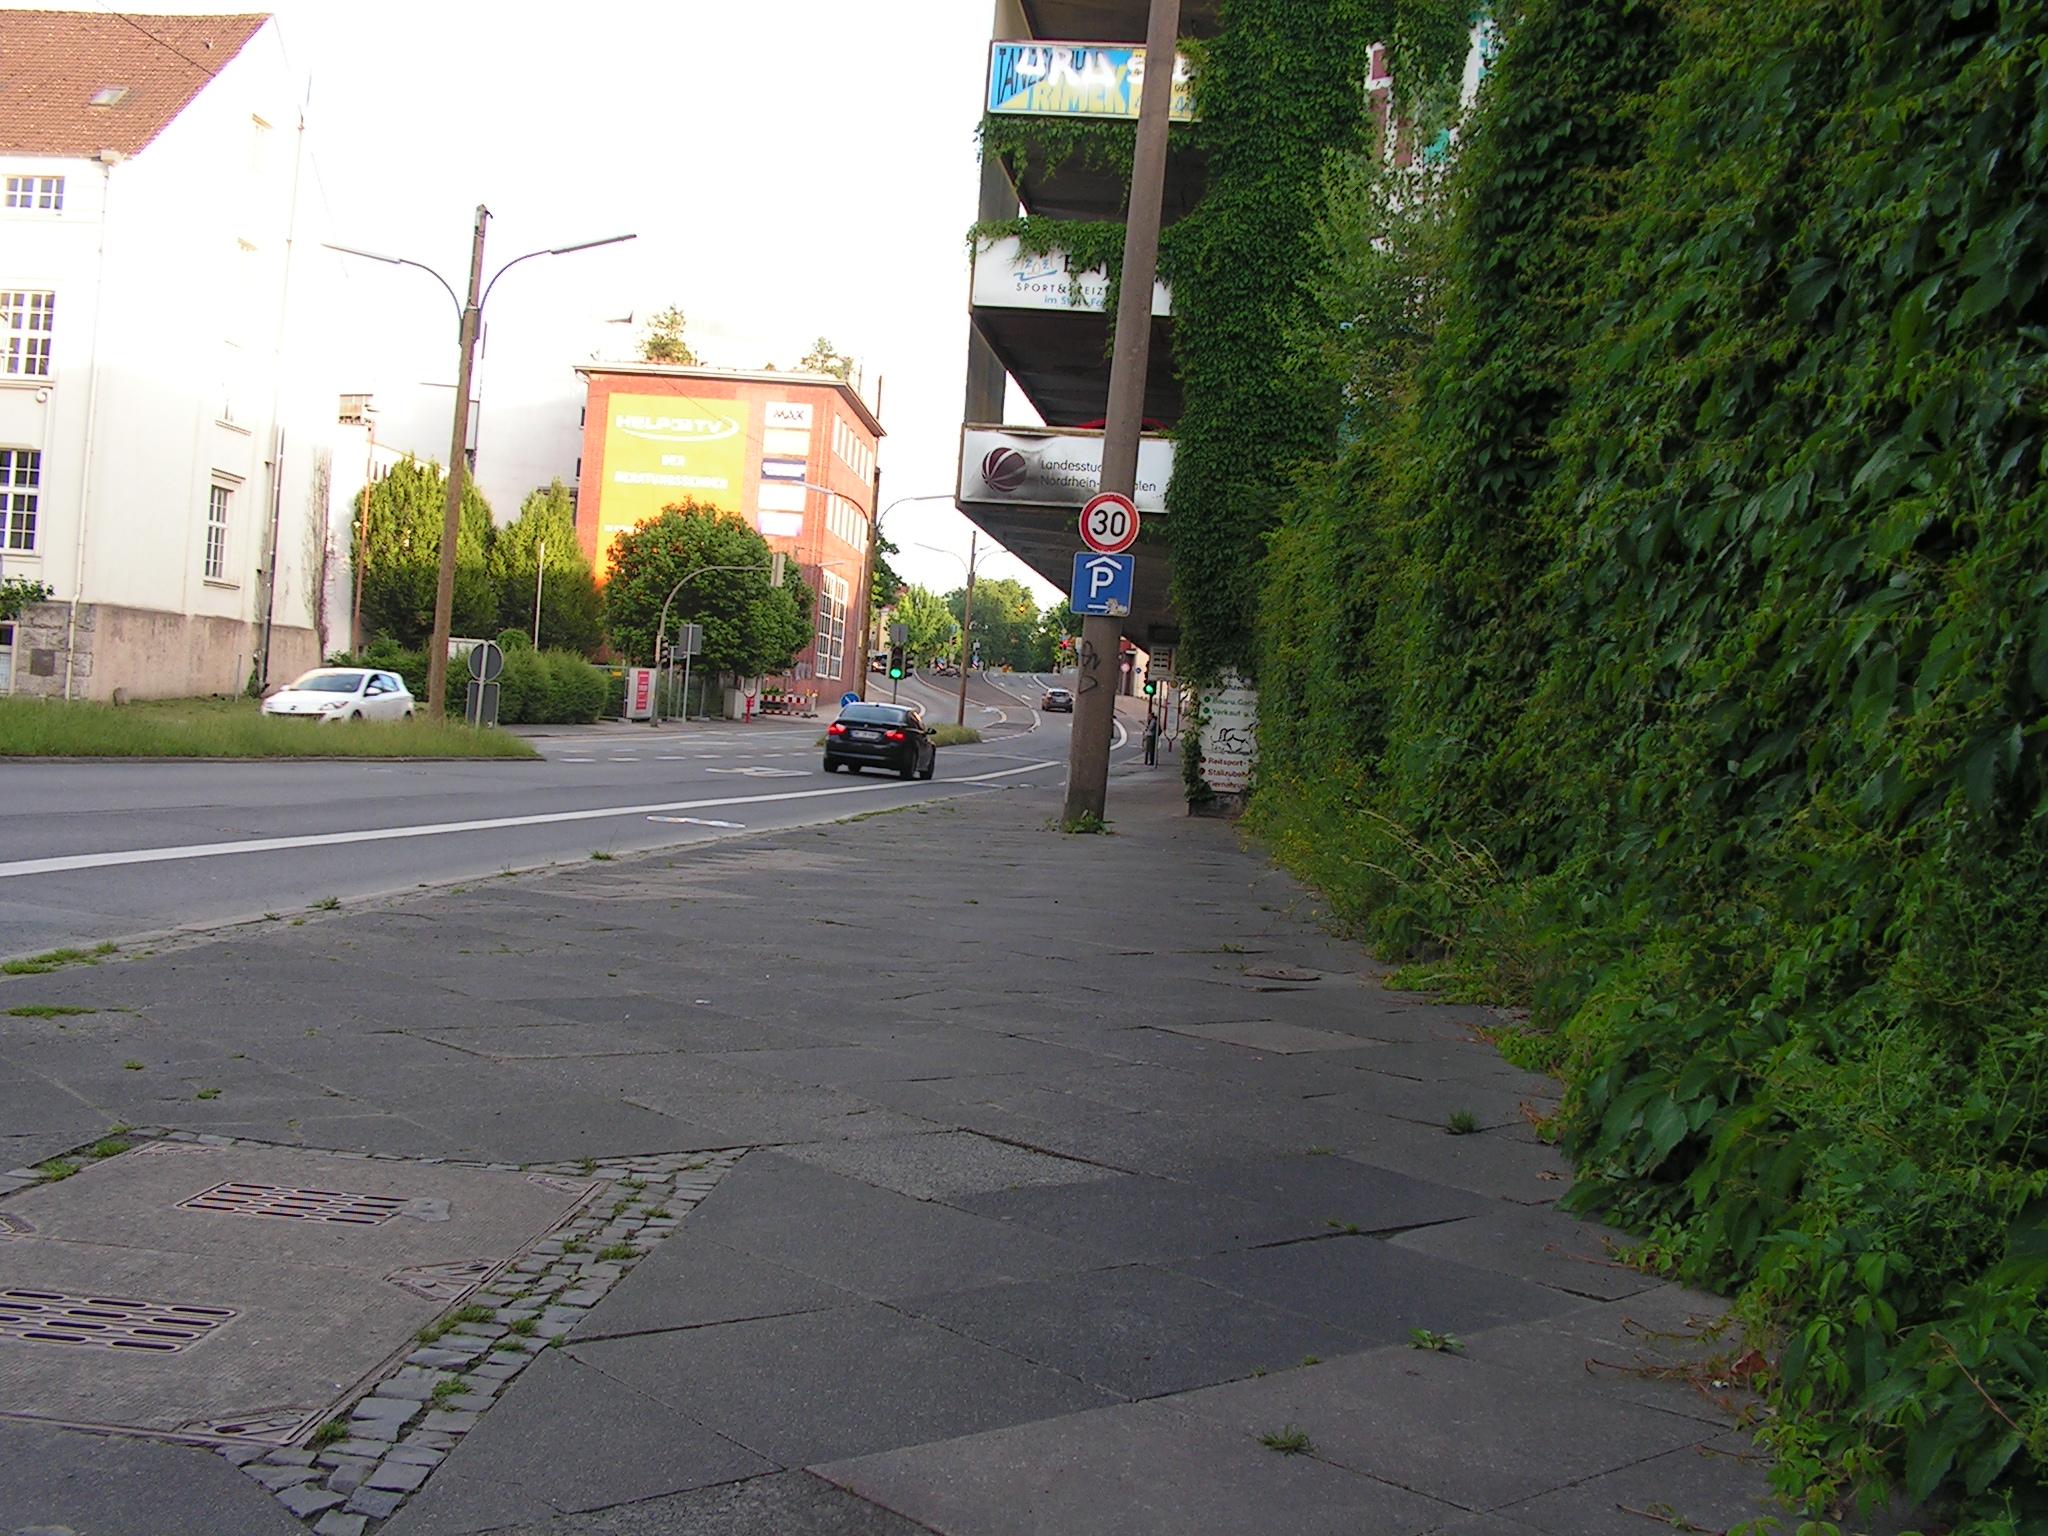 Die Faßstraße in Dortmund: Keine Planung, die Begeisterung auslöst, aber immerhin Radfahrstreifen neben der überbreiten Fahrbahn und Tempo 30. (Foto: Peter Maier)